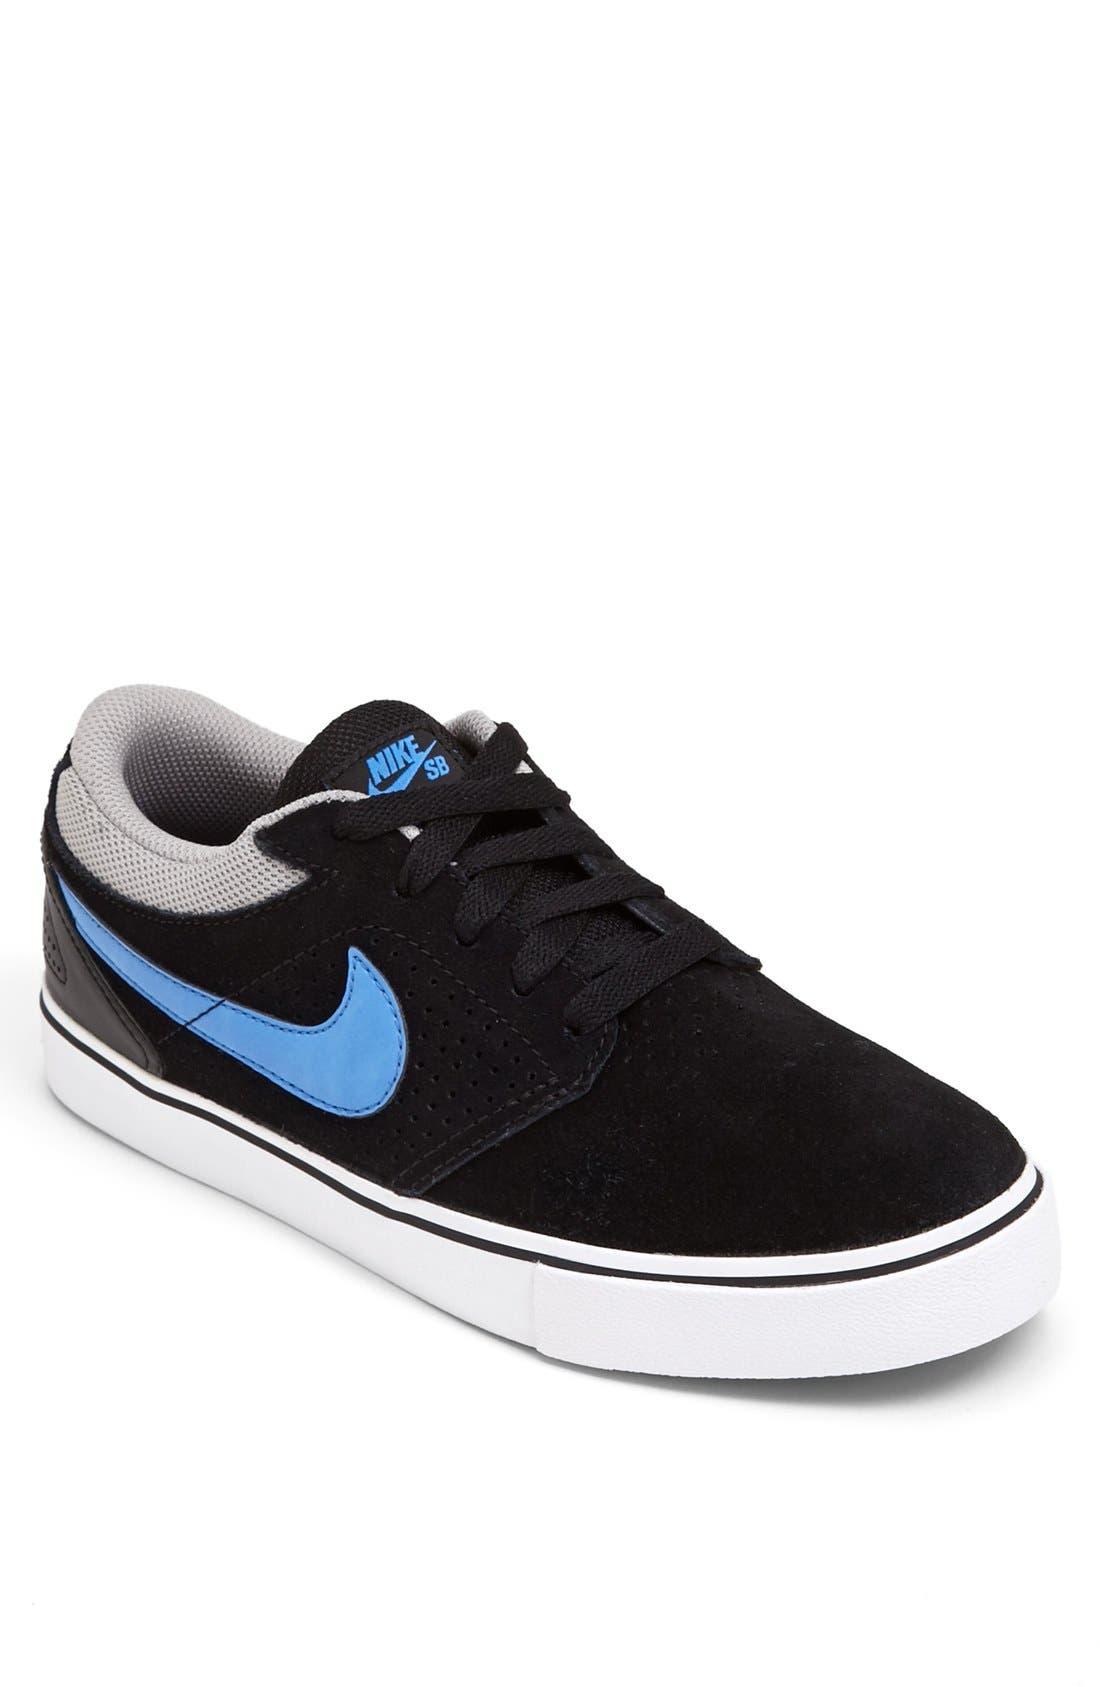 Main Image - Nike 'Paul Rodriguez 5 LR' Sneaker (Men)